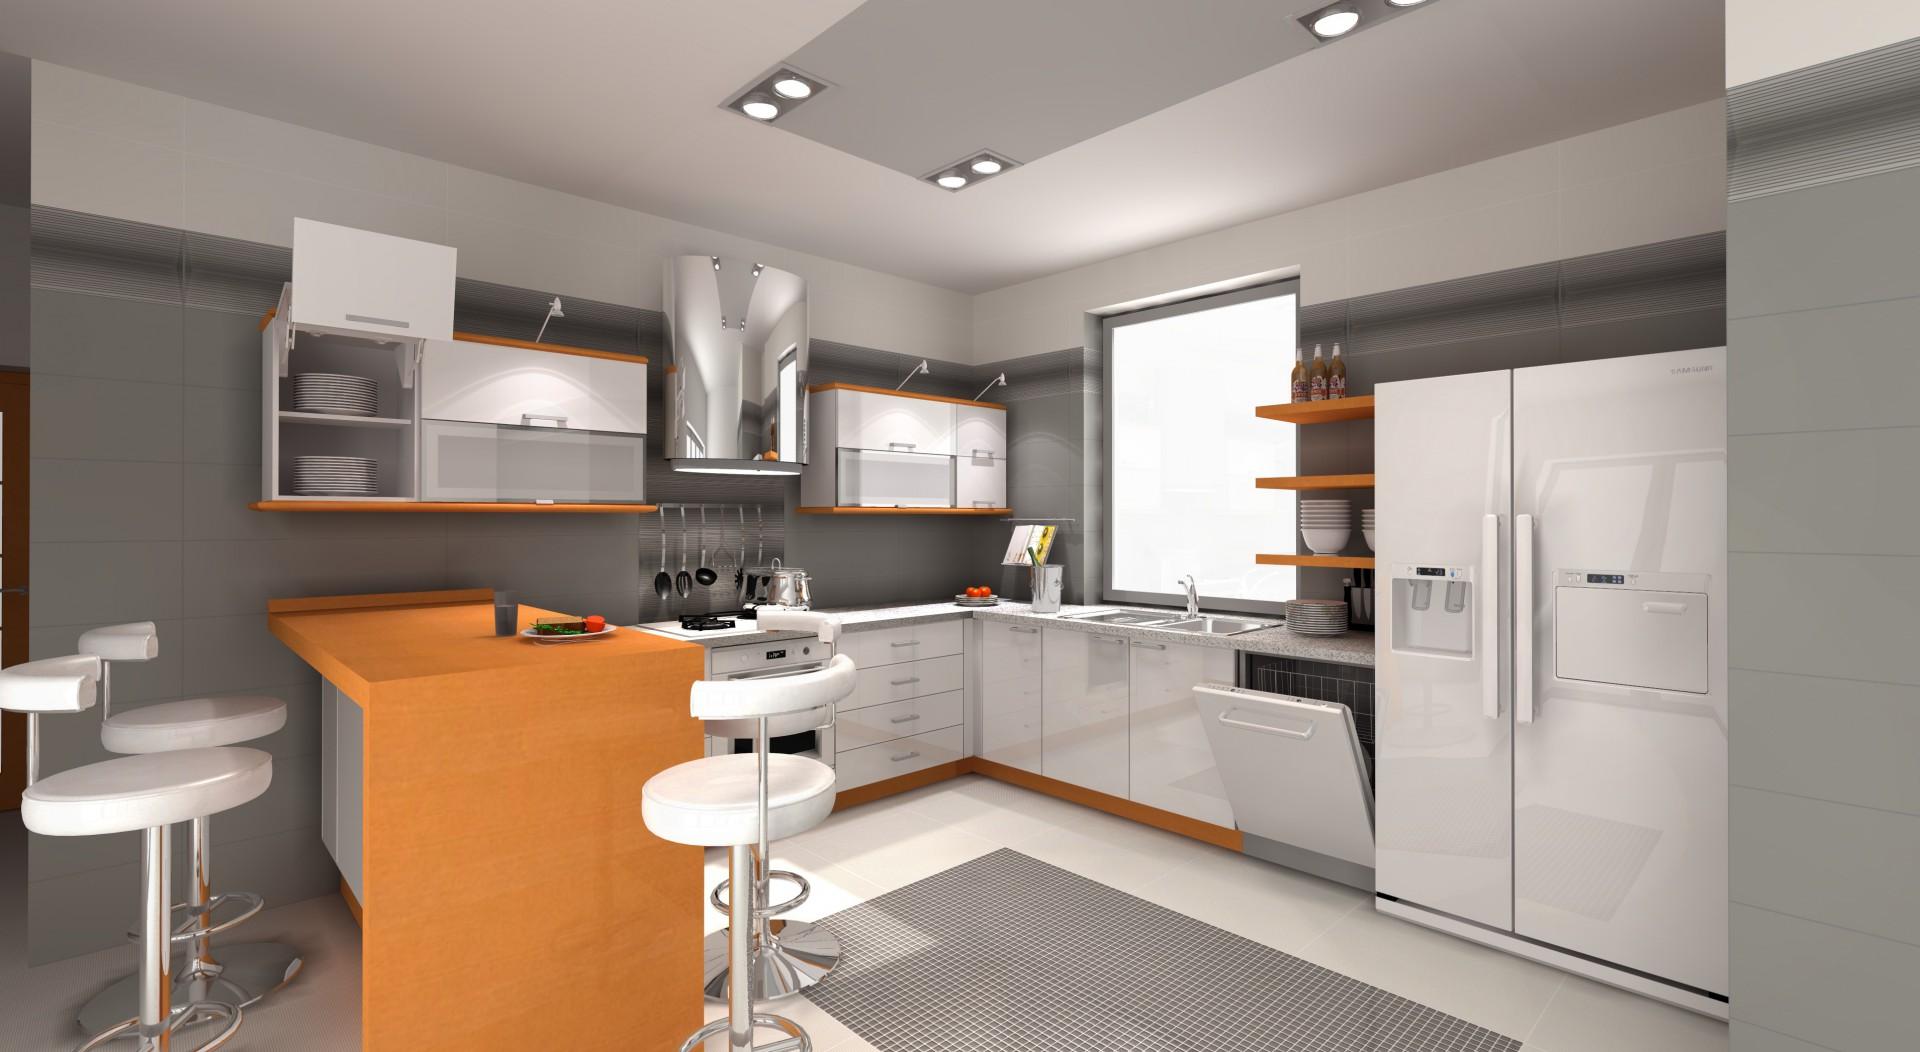 Wizualizacja kuchni gotowa do przedstawienia klientowi. Fot. archiwum